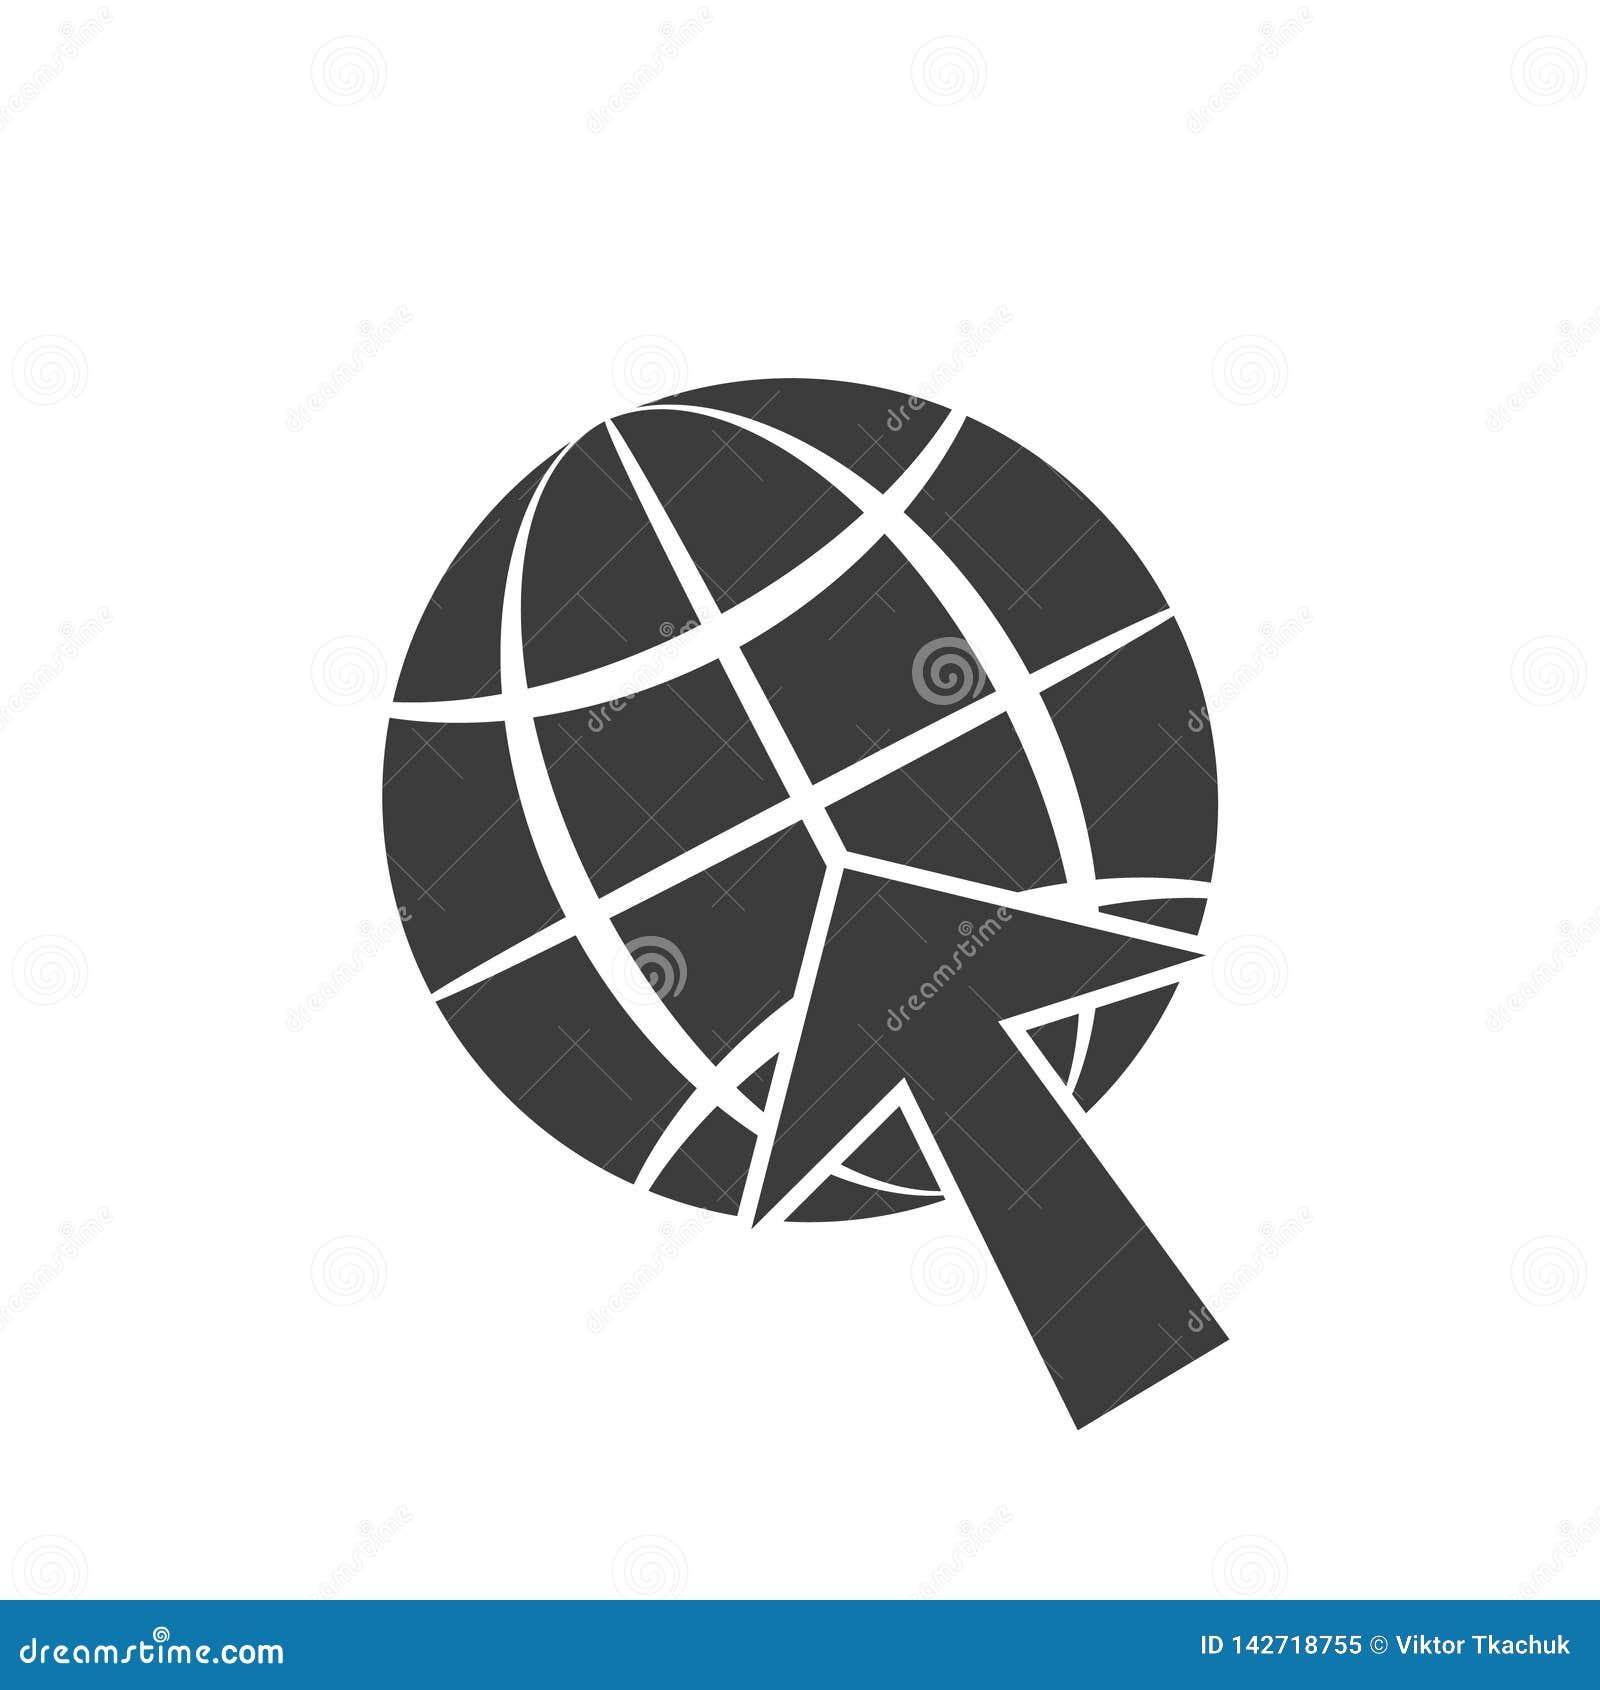 Ikony symbolu, kuli ziemskiej i strzały kursoru szara ilustracja, odizolowywa na białym tle